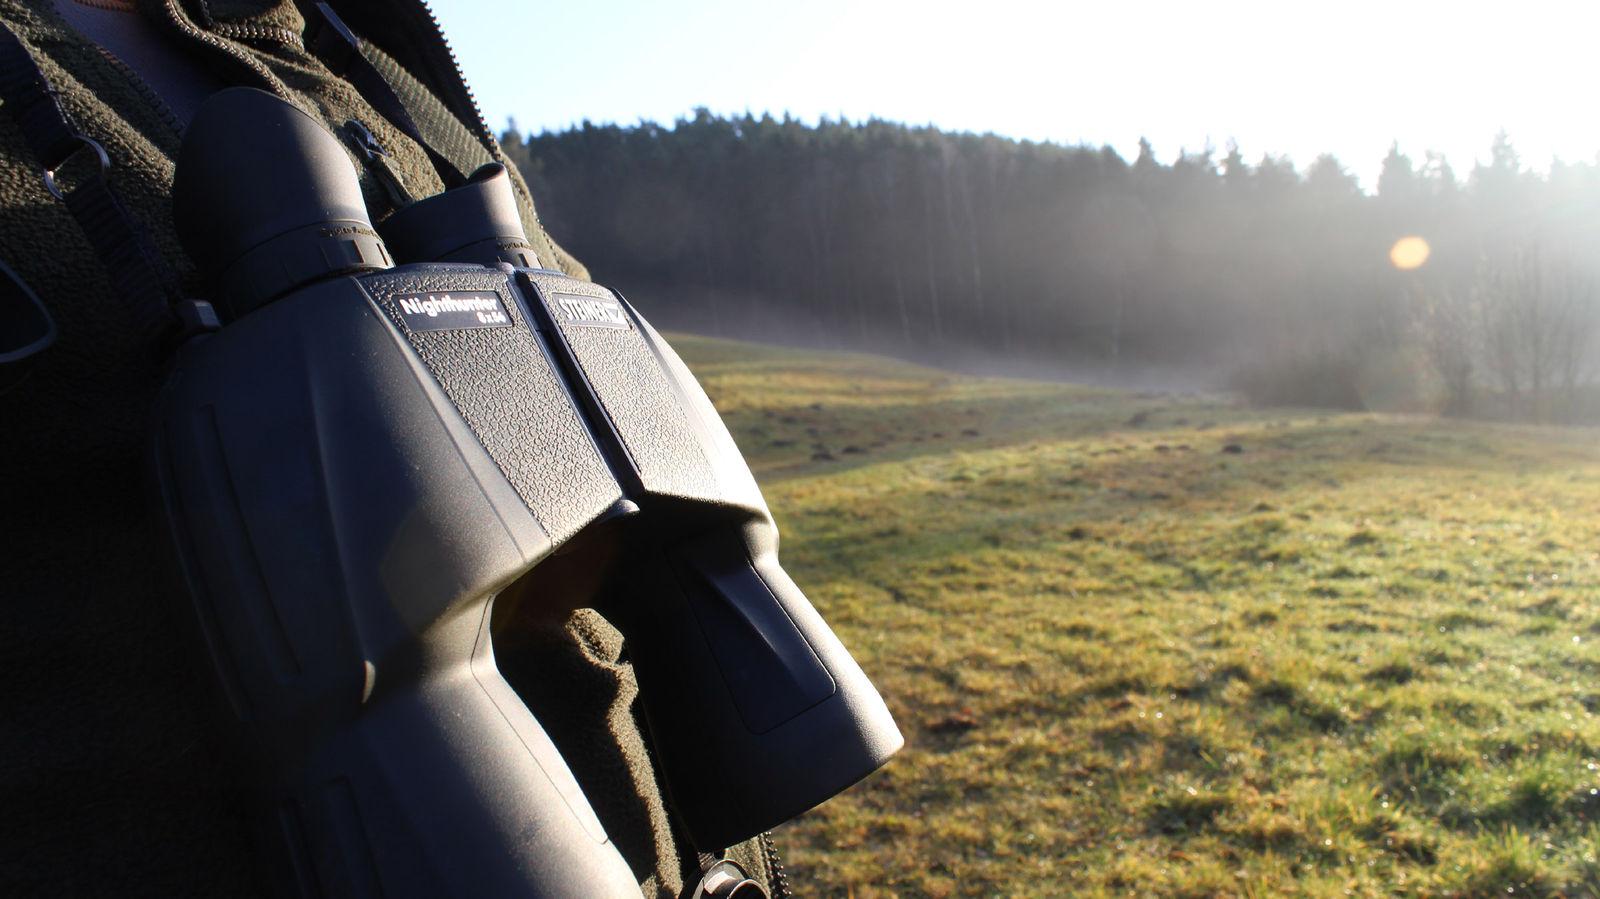 Steiner Zielfernrohr Mit Entfernungsmesser : Nachtjagd mit dem steiner nighthunter u die sonne geht unter ich